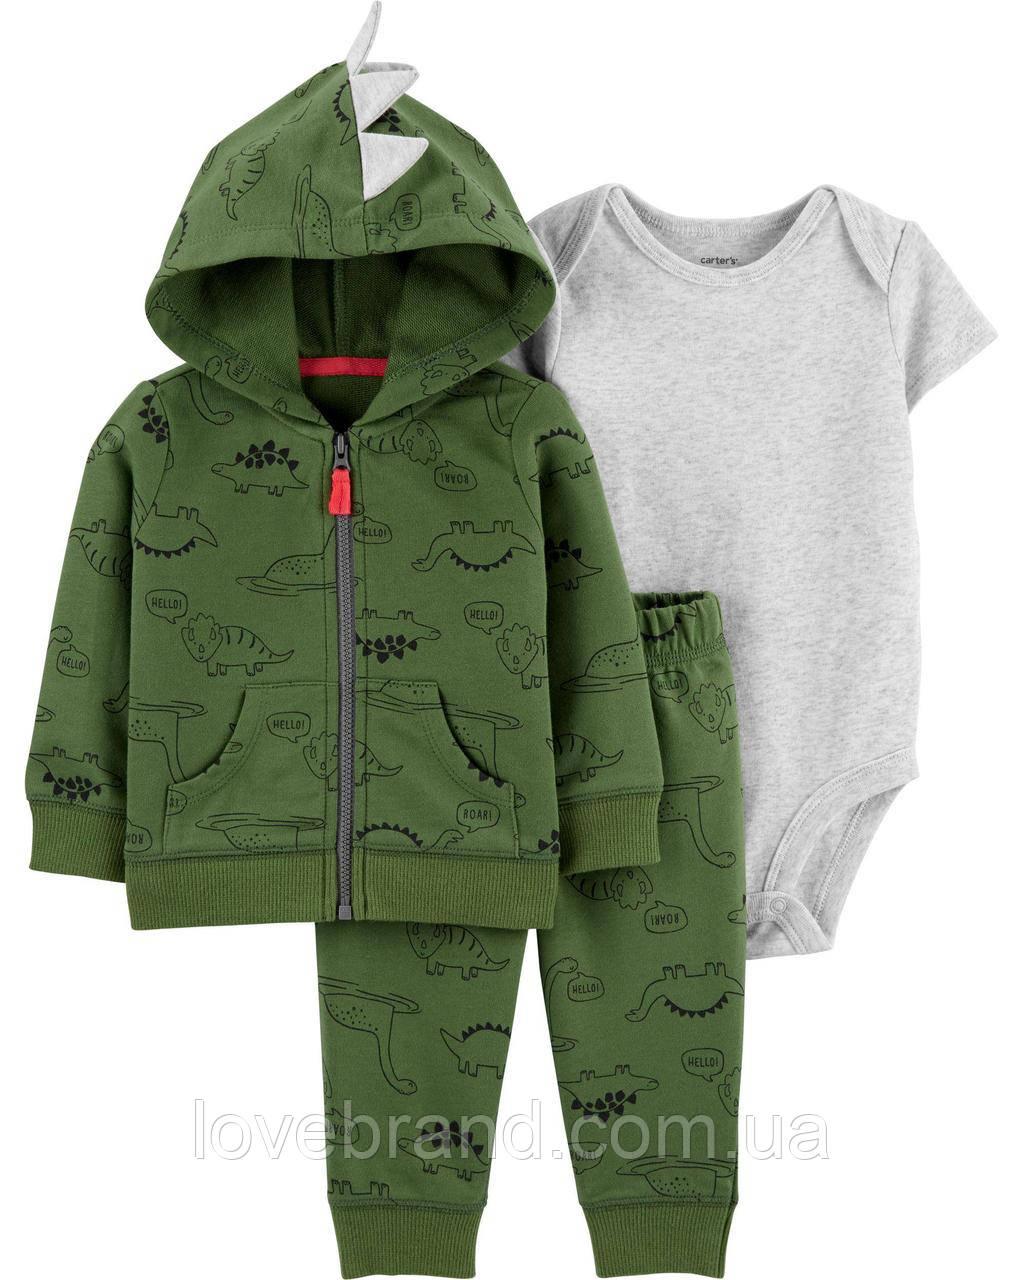 Спортивный костюм для мальчика carter's кофточка + бодик + штанишки Динозавр хаки 3 мес/55-61 см